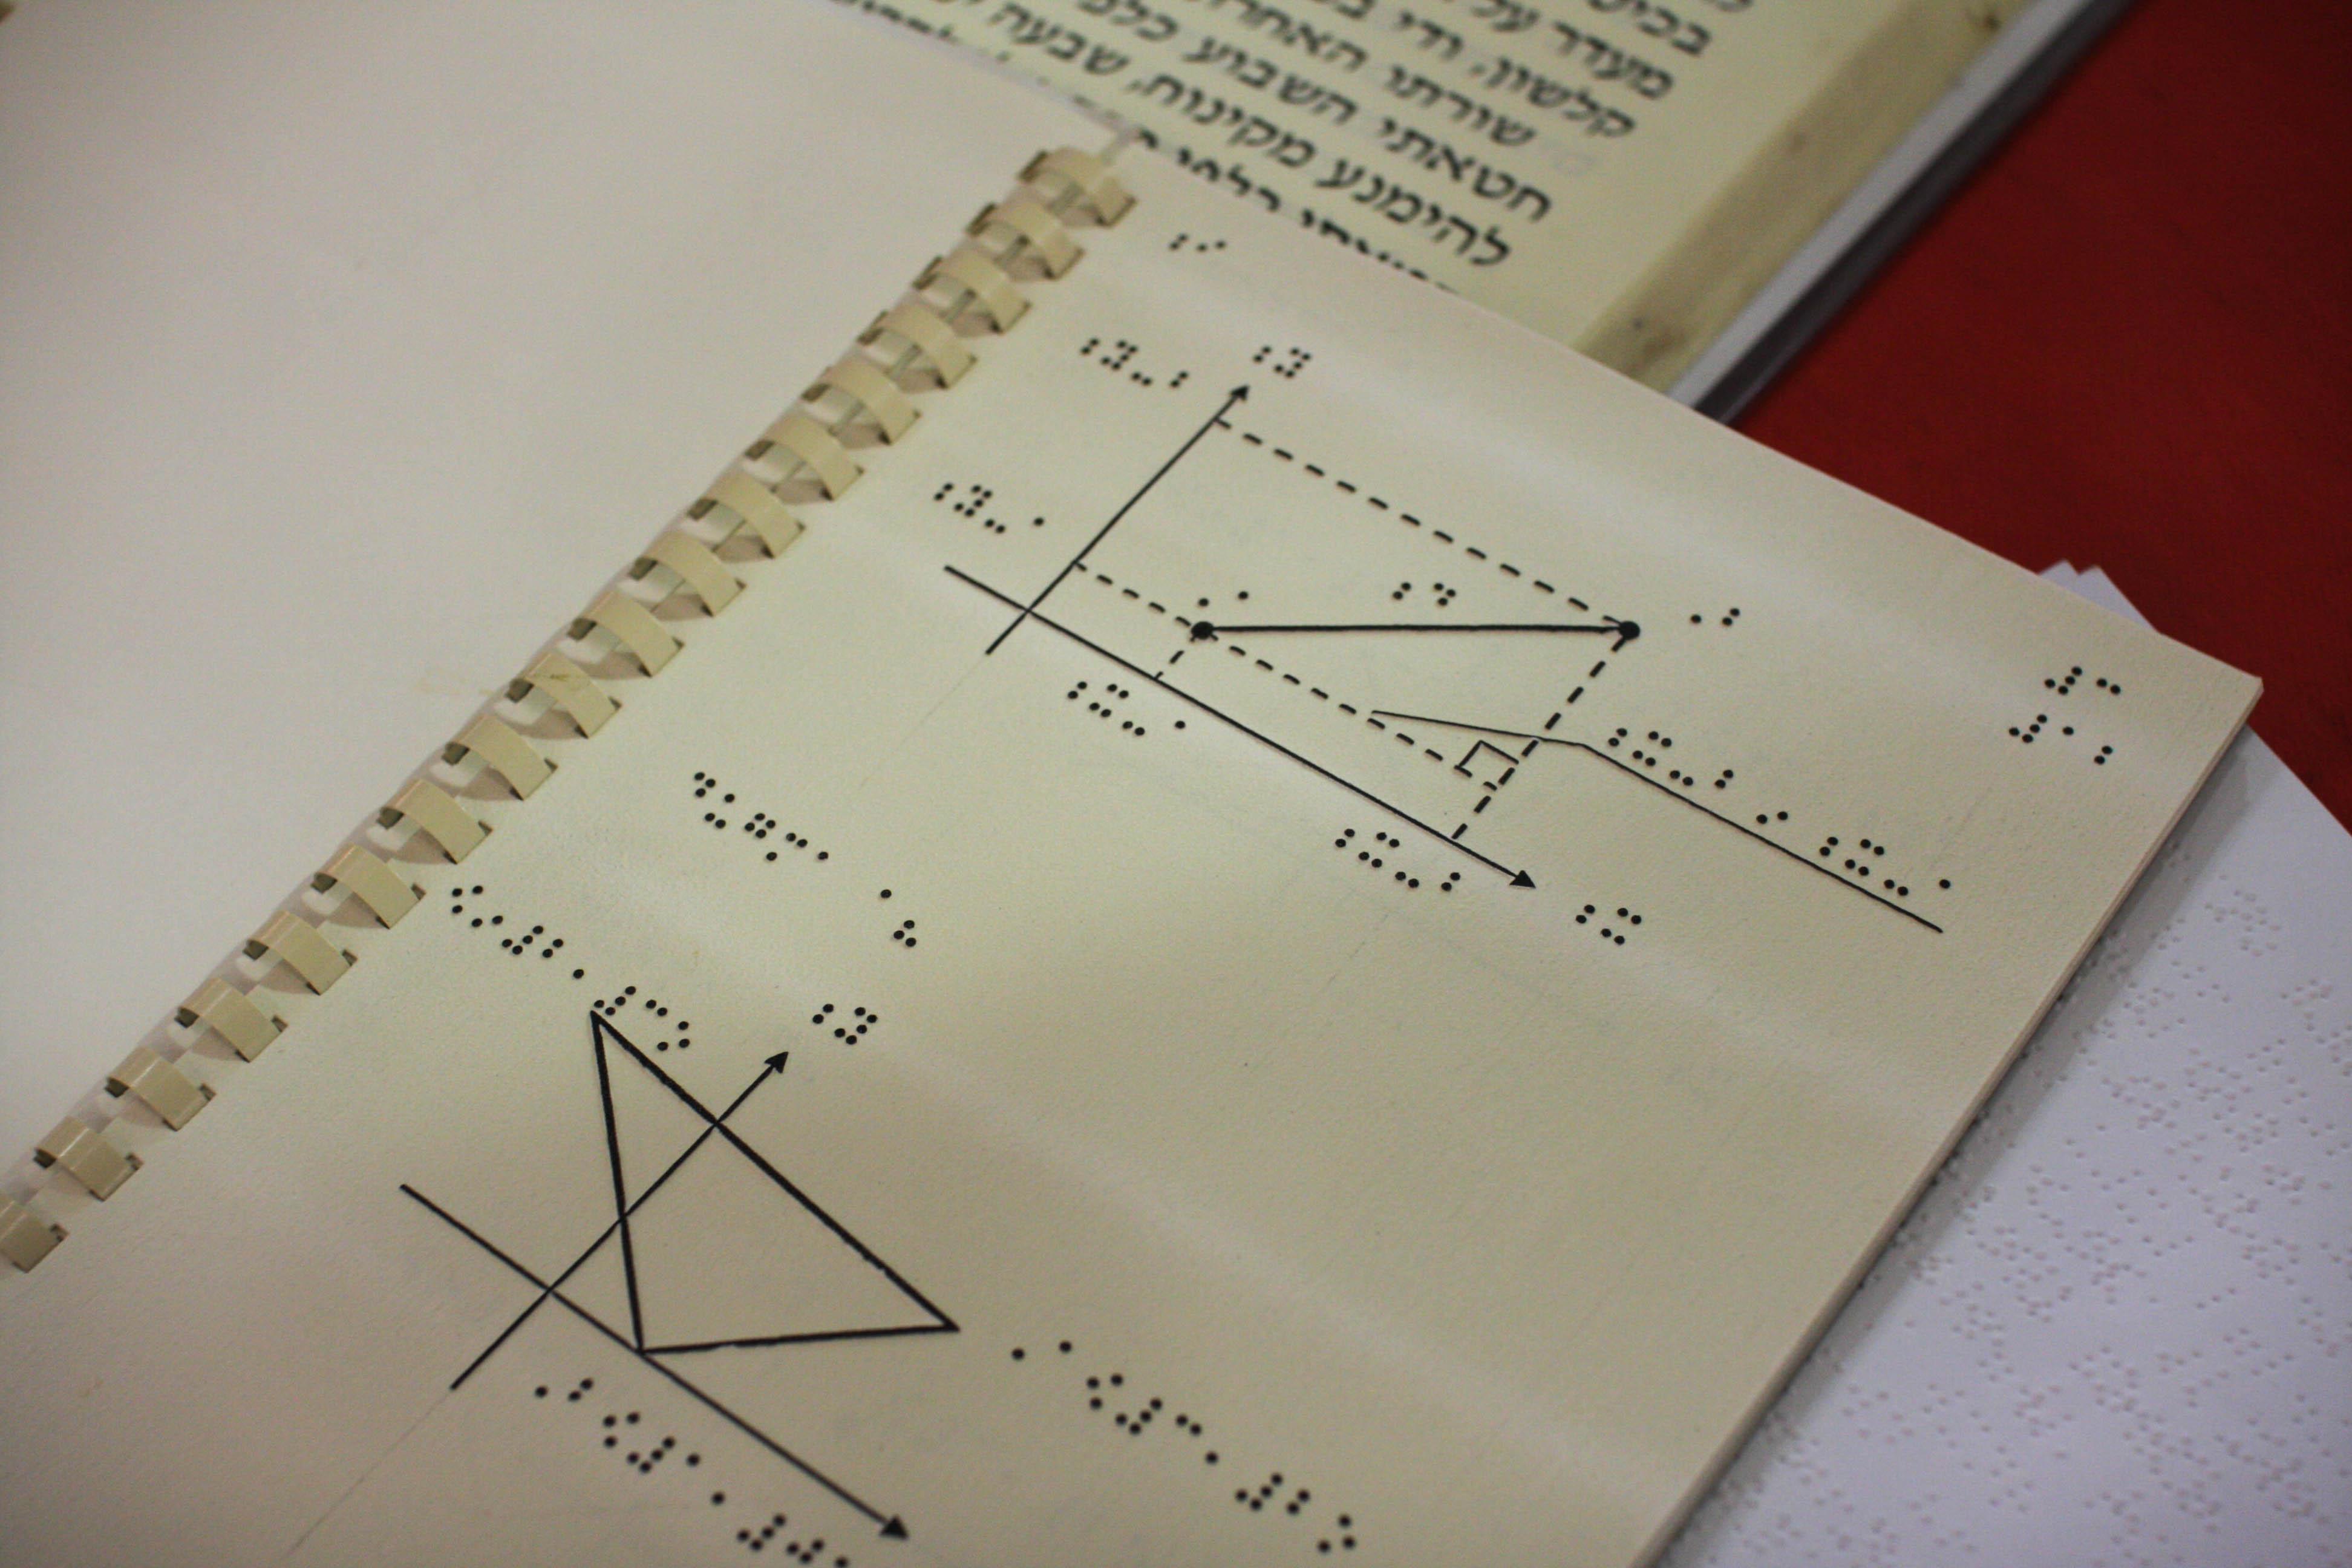 ספר לימוד בגיאומטריה